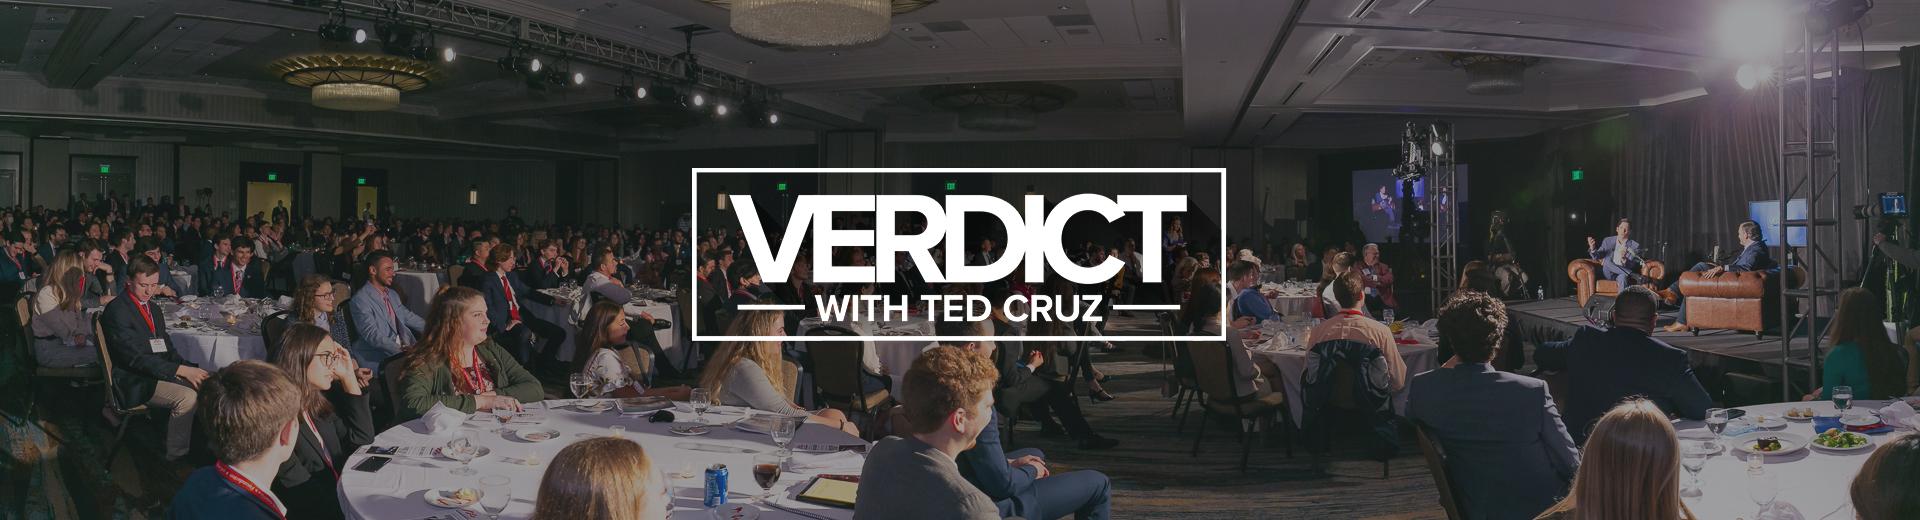 Verdict header logo overlay